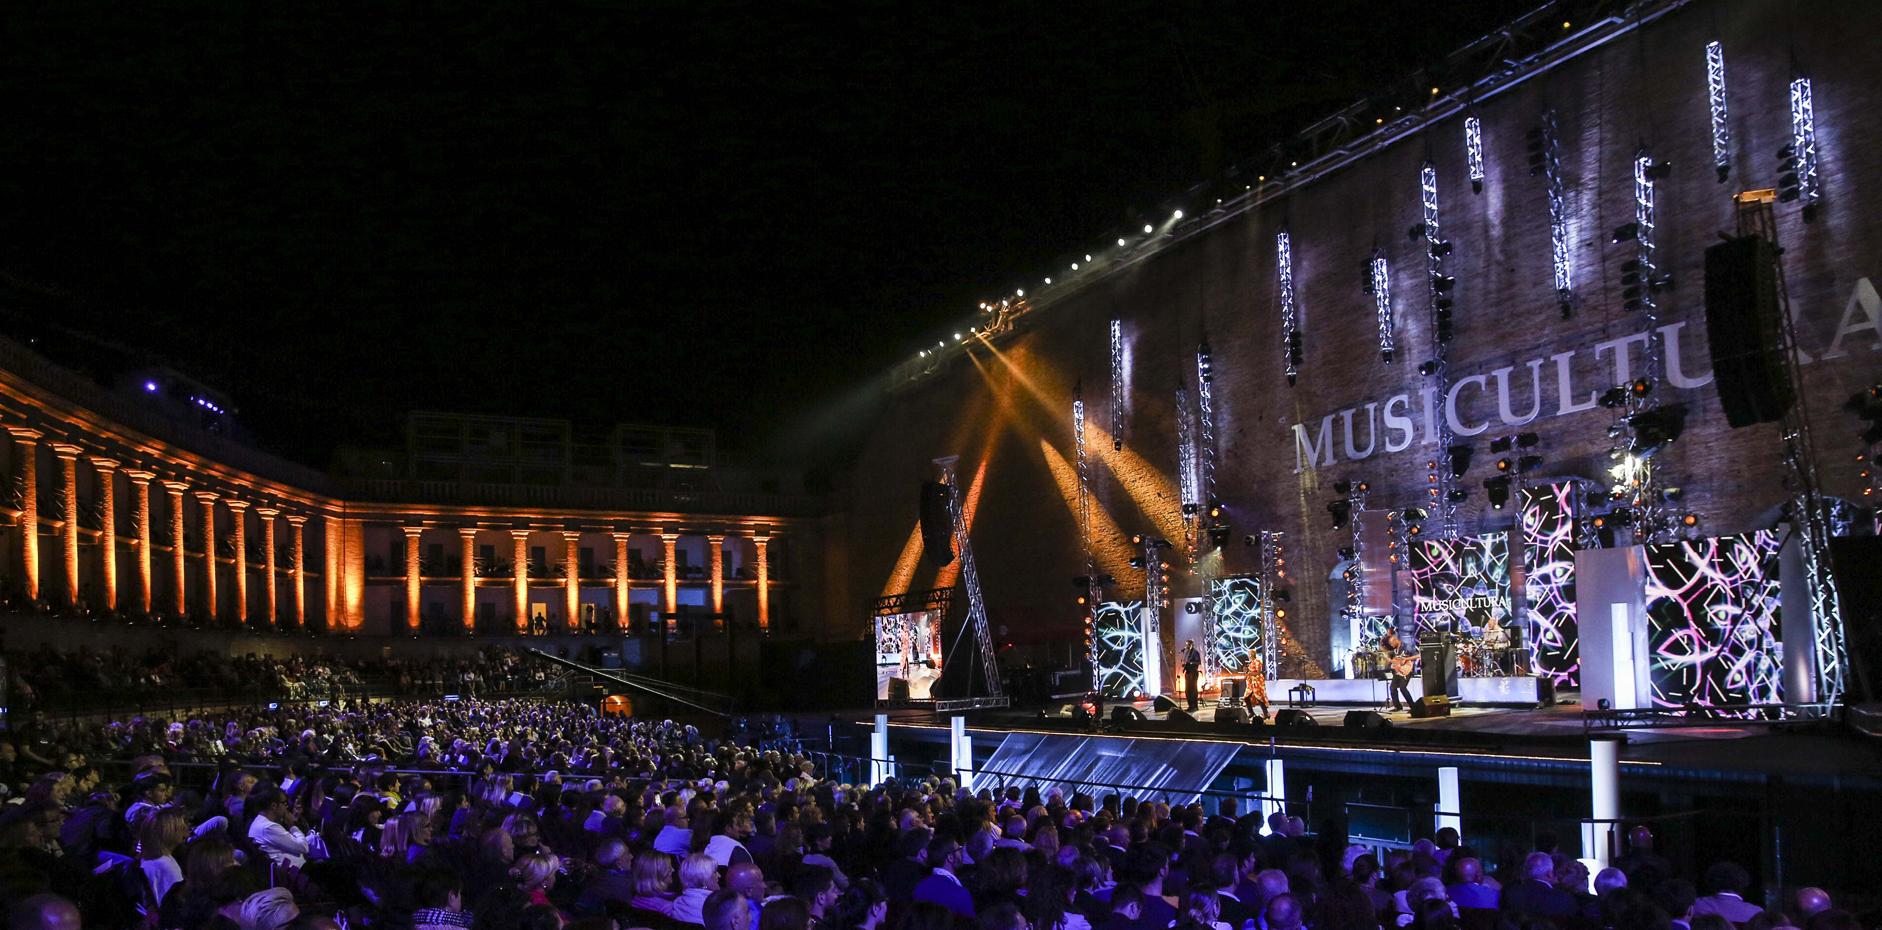 Musicultura, i nomi dei vincitori che si esibiranno allo Sferisterio